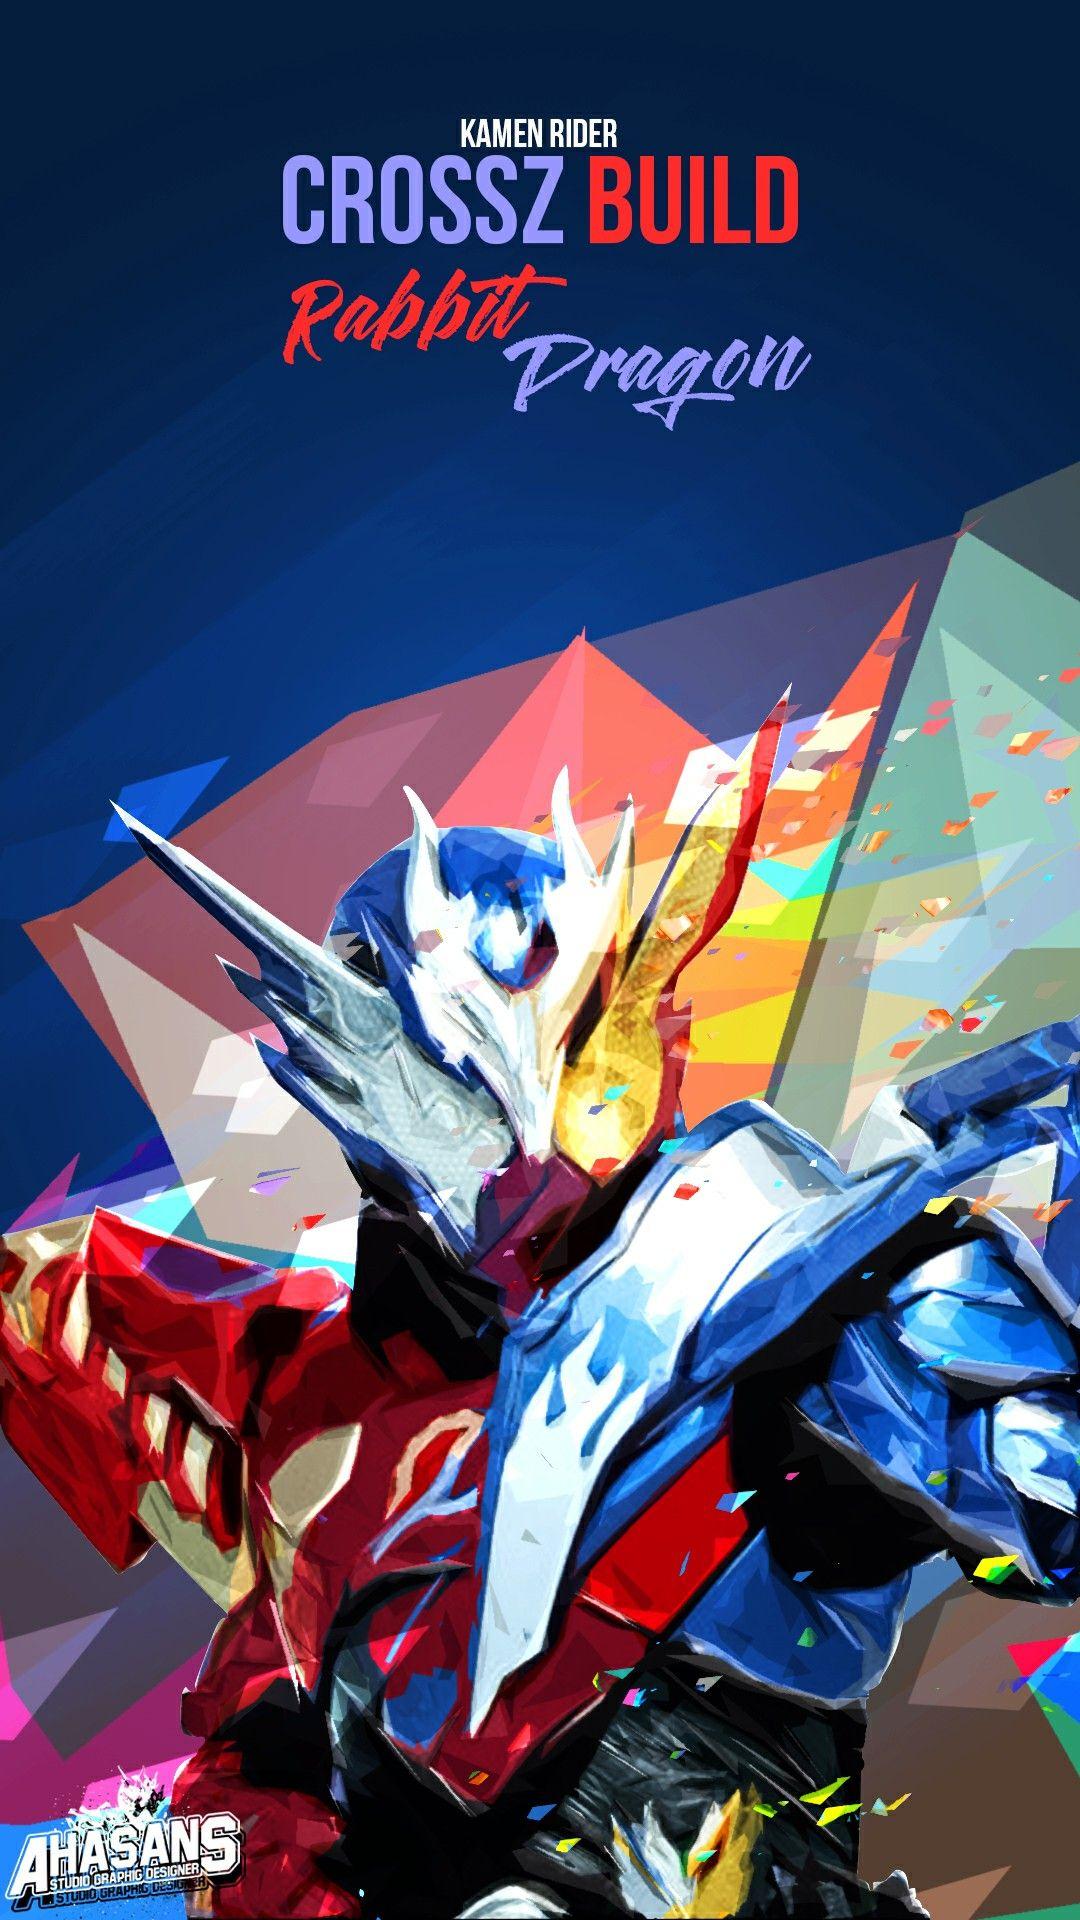 Kamen Rider Cross Z Build Wallpaper Wallpaper Tokusatsu